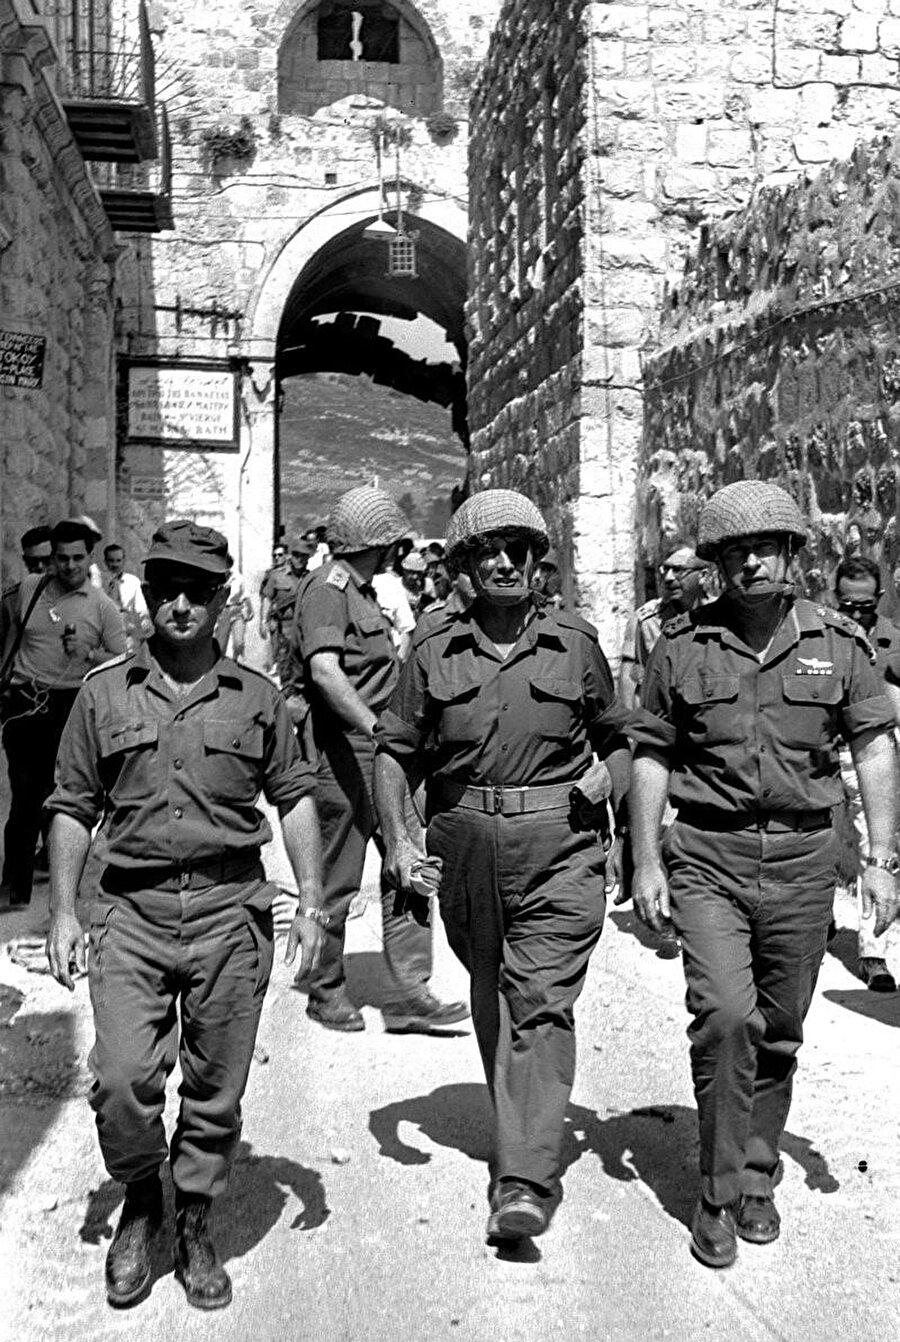 Uzi Narkiss (en solda), Moşe Dayan (ortada) ve Yitzhak Rabin, Esbât Kapısı'ndan Kudüs'e giriş yaparken..